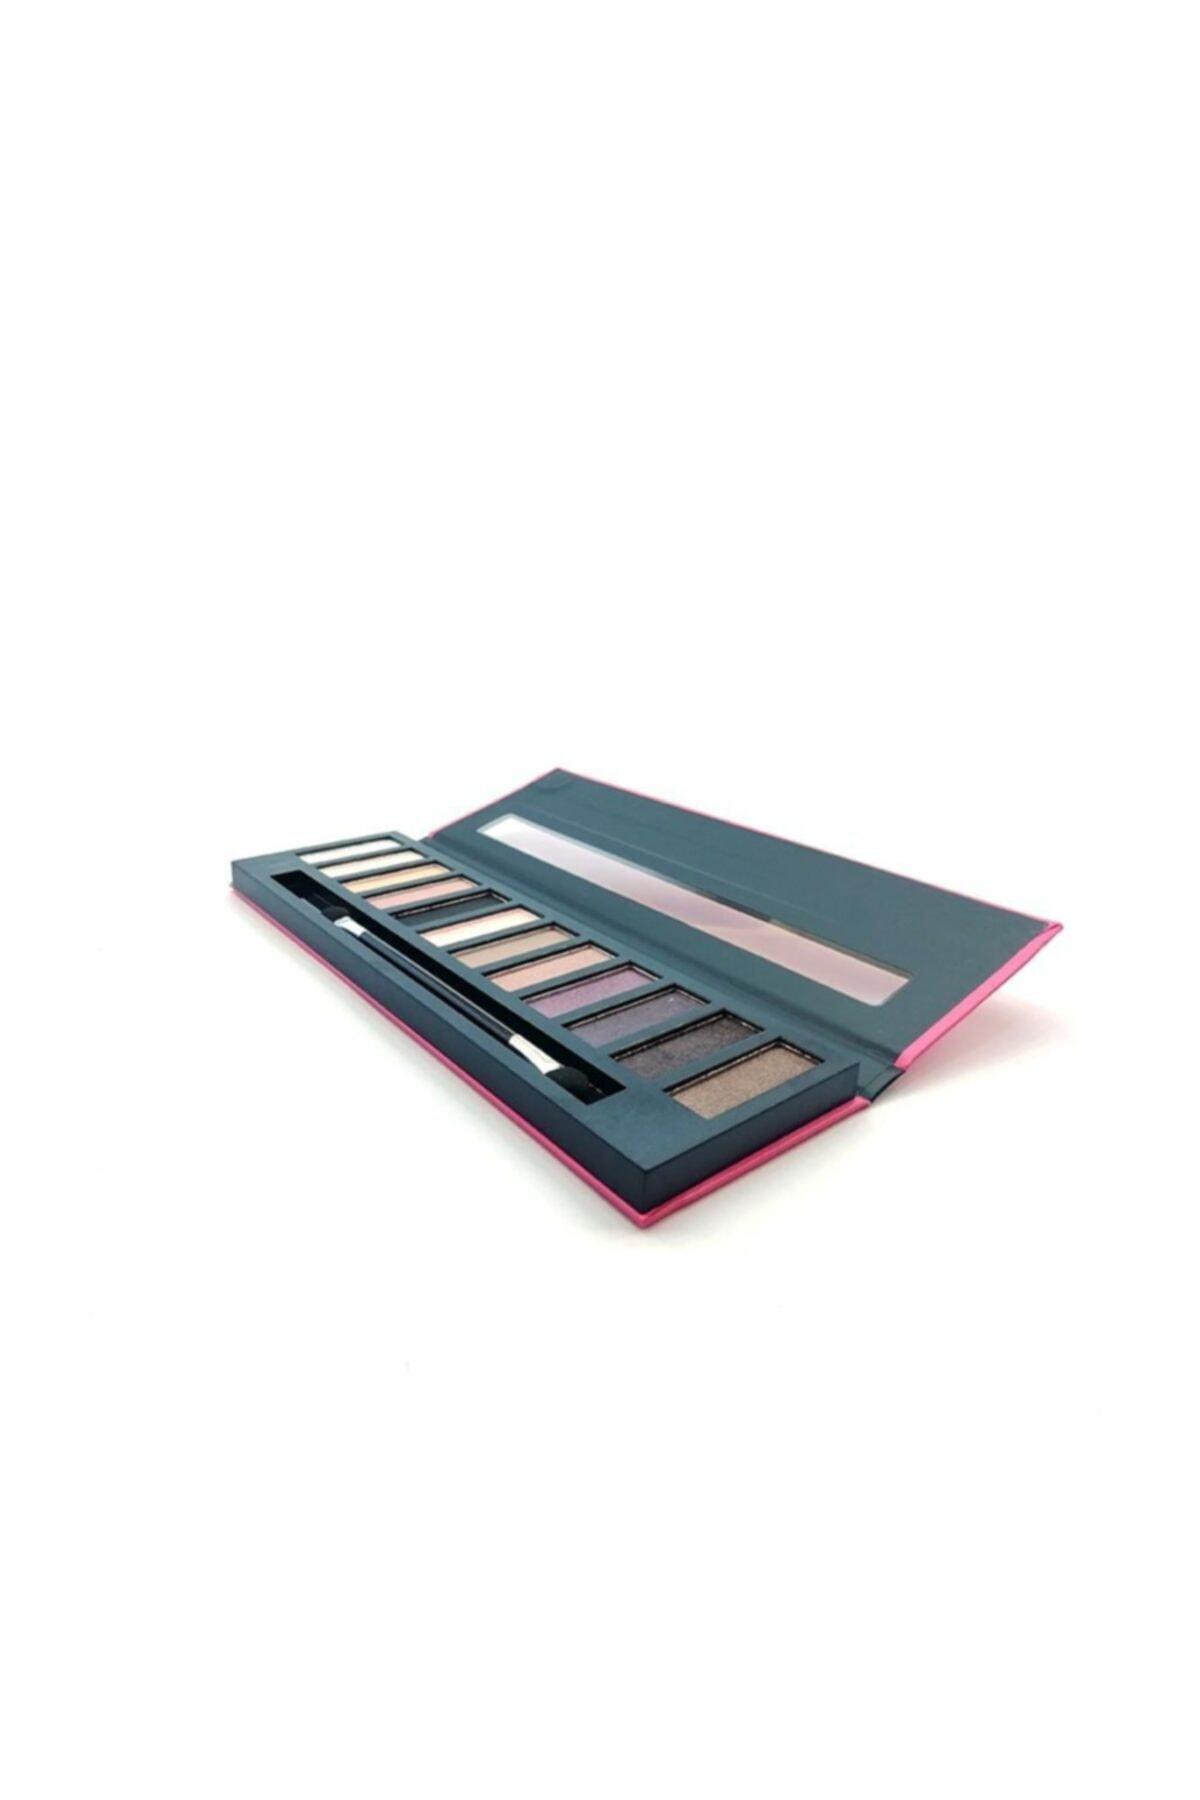 XP Nudes 4-12 Farklı Ton-eyeshadow Collection 1